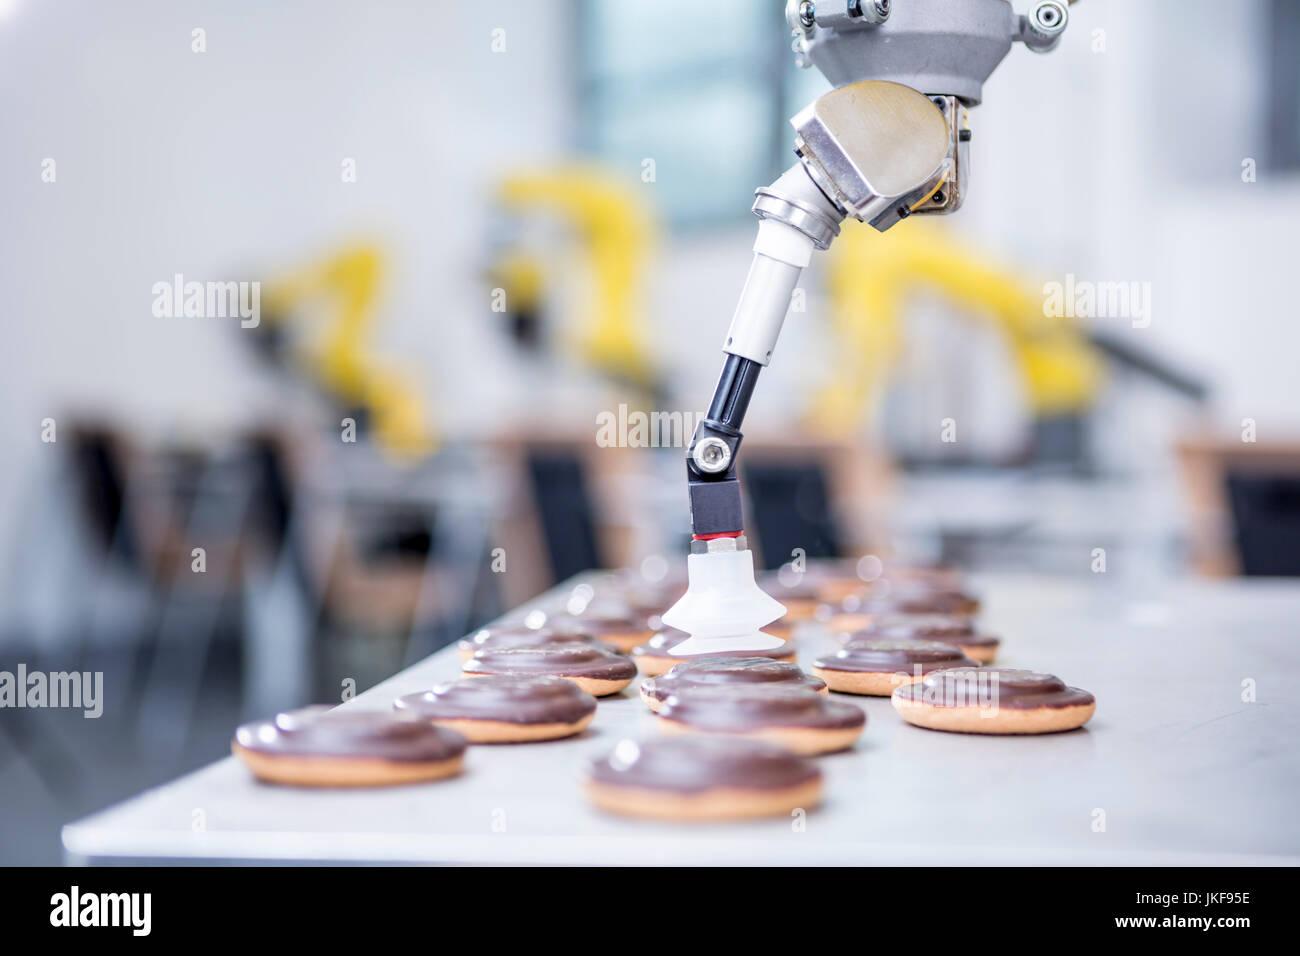 Close-up di robot industriali di manipolazione dei cookie Immagini Stock